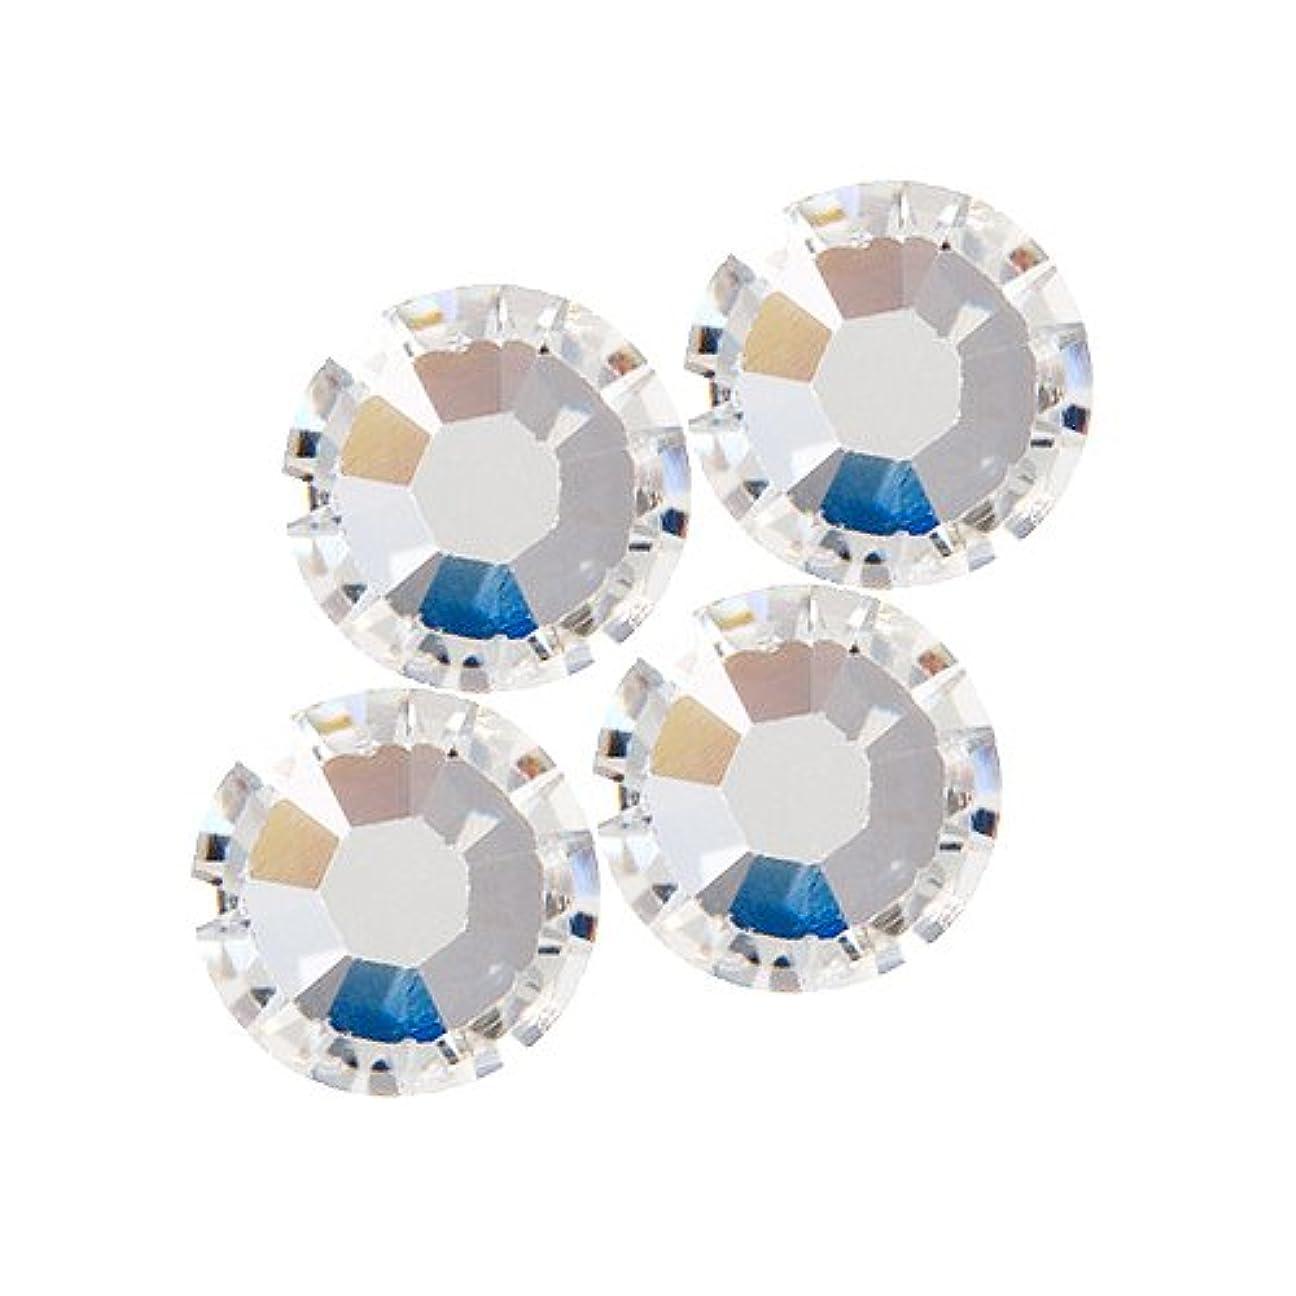 装備する恩恵オレンジバイナル DIAMOND RHINESTONE  クリスタル SS4 720粒 ST-SS4-CRY-5G